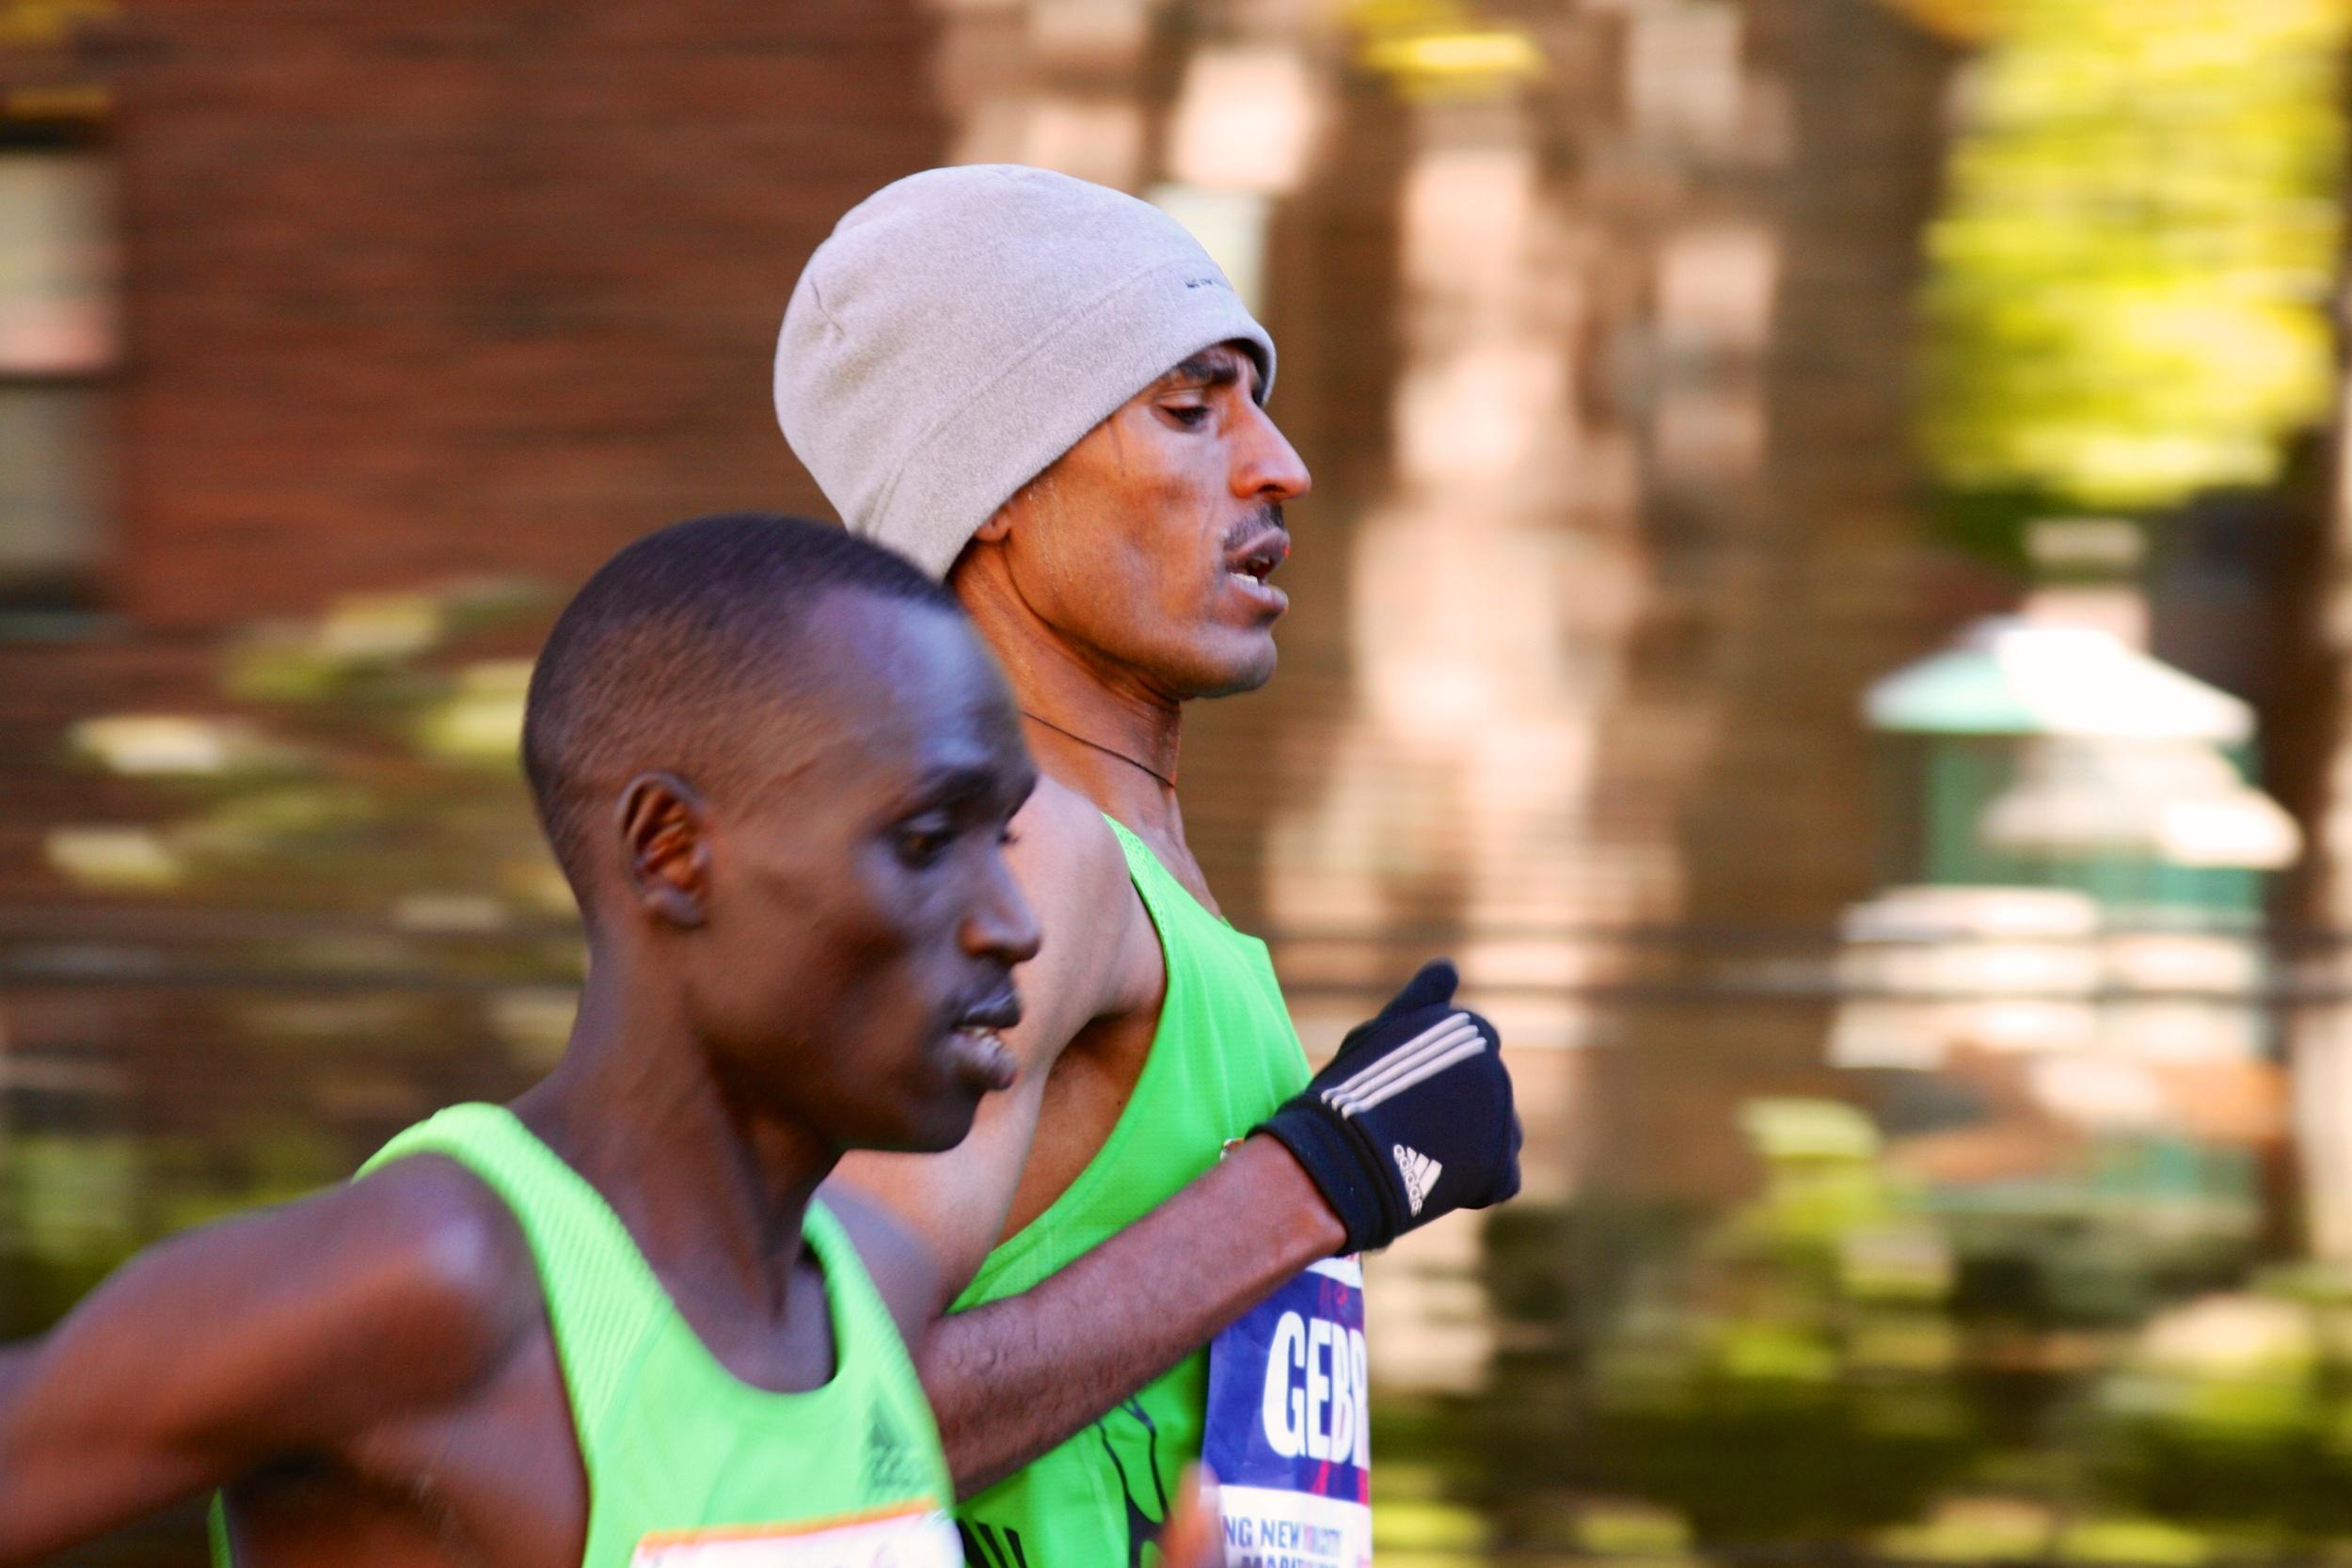 Gebre Gebrmariam and Emmanuel Mutai